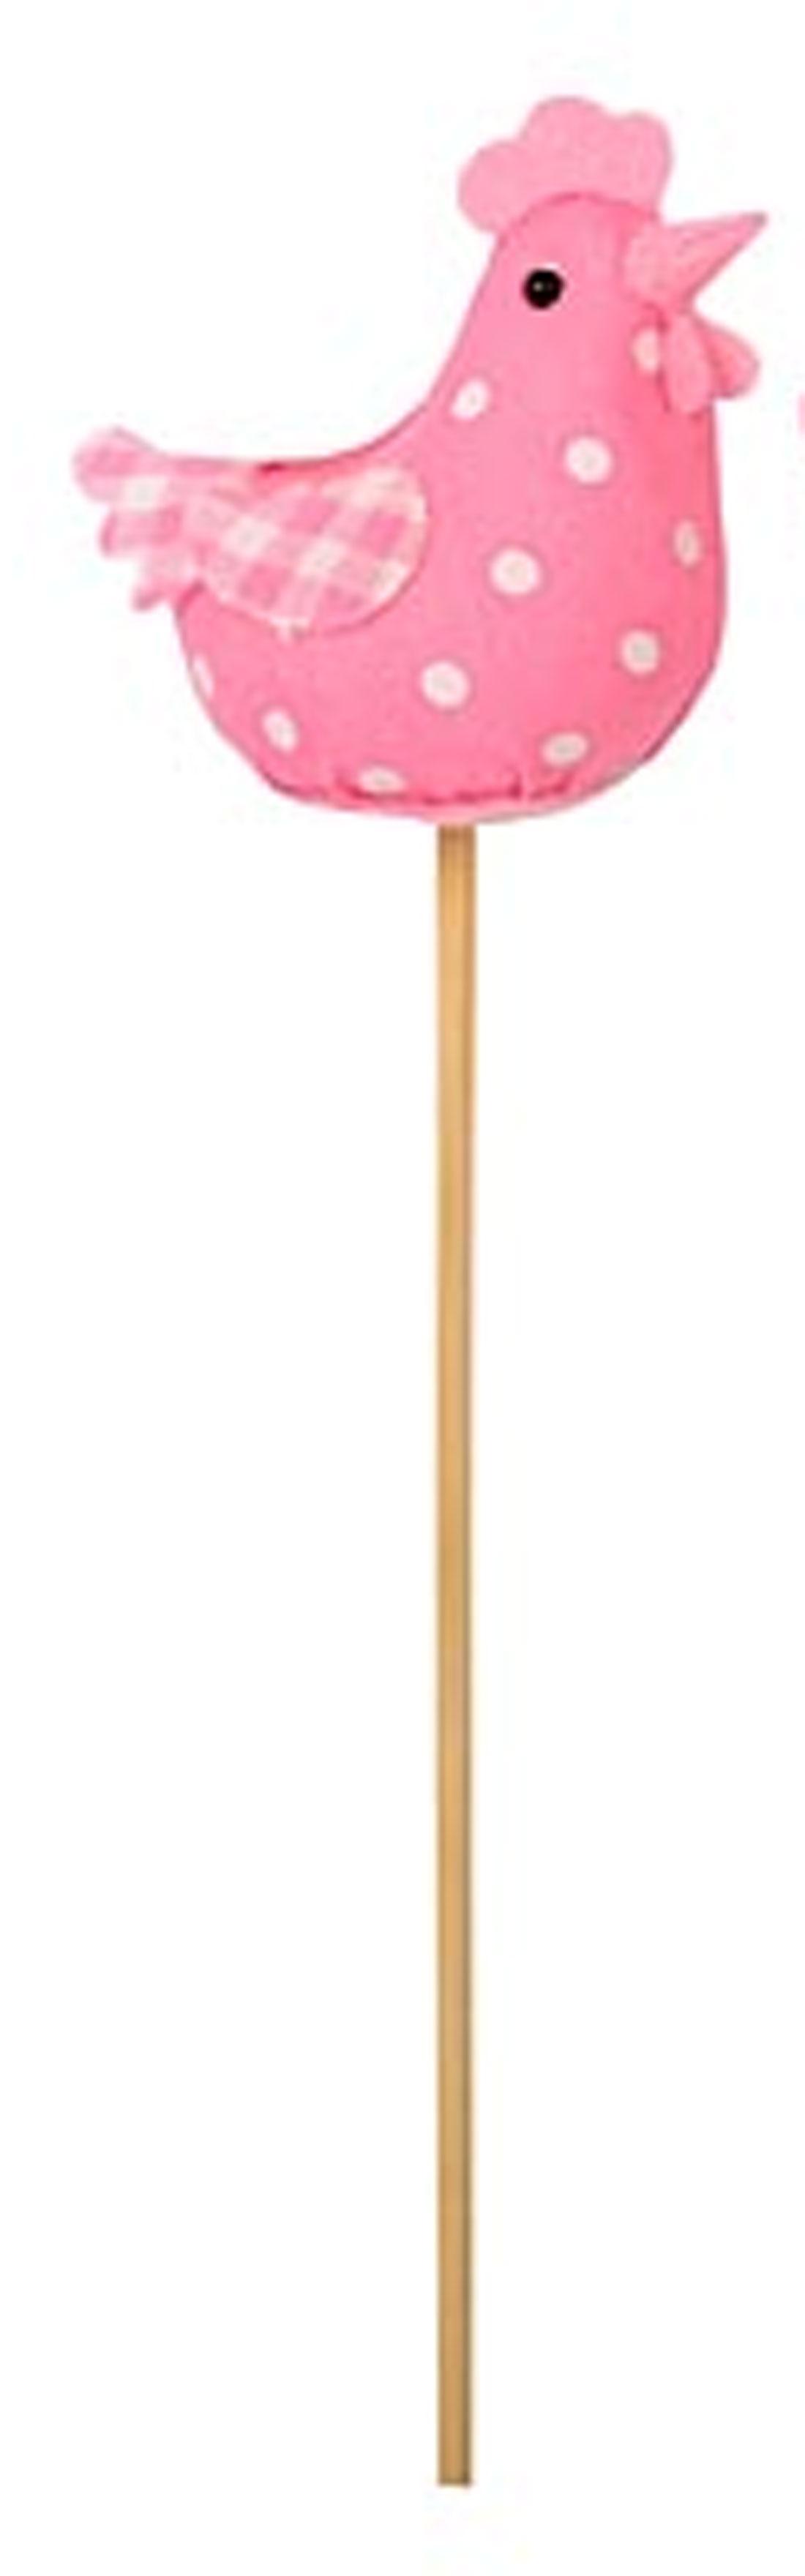 Декоративное пасхальное украшение на ножке Home Queen Петушок, рисунок: горох, высота 25 см64399_1Украшение пасхальное Home Queen Петушок изготовлено из высококачественного пластика и полиэстера и предназначено для украшения праздничного стола. Изделие выполнено в виде петушка на деревянной шпажке и декорировано принтом горох. Такое украшение прекрасно дополнит подарок для друзей и близких на Пасху. Высота: 25 см. Размер фигурки: 5,5 см х 2,5 см х 5 см.